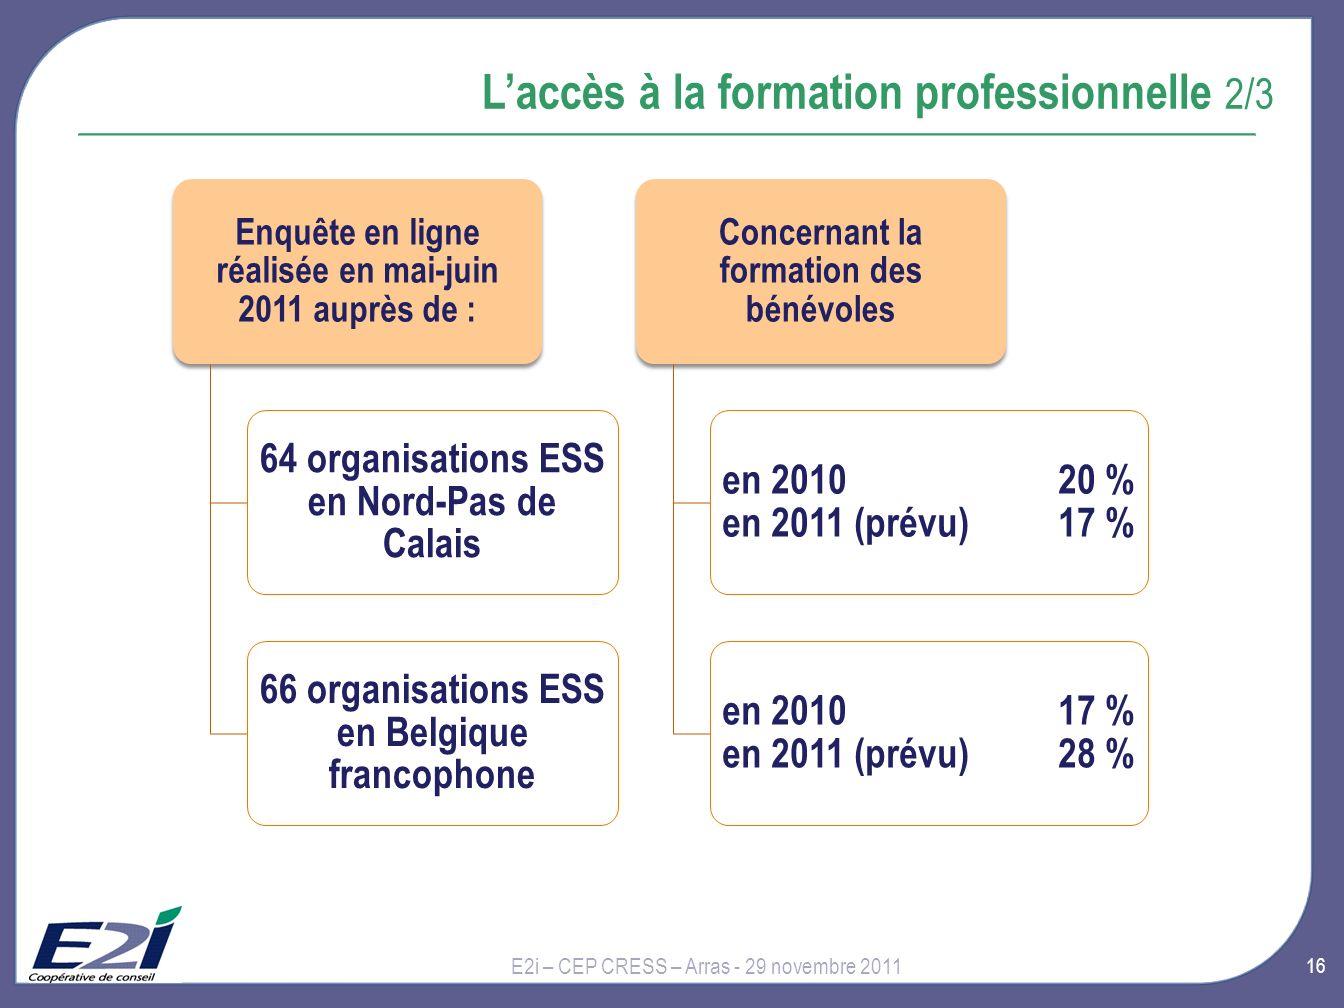 16 Laccès à la formation professionnelle 2/3 E2i – CEP CRESS – Arras - 29 novembre 2011 Enquête en ligne réalisée en mai-juin 2011 auprès de : 64 organisations ESS en Nord-Pas de Calais 66 organisations ESS en Belgique francophone Concernant la formation des bénévoles en 2010 20 % en 2011 (prévu) 17 % en 2010 17 % en 2011 (prévu) 28 %